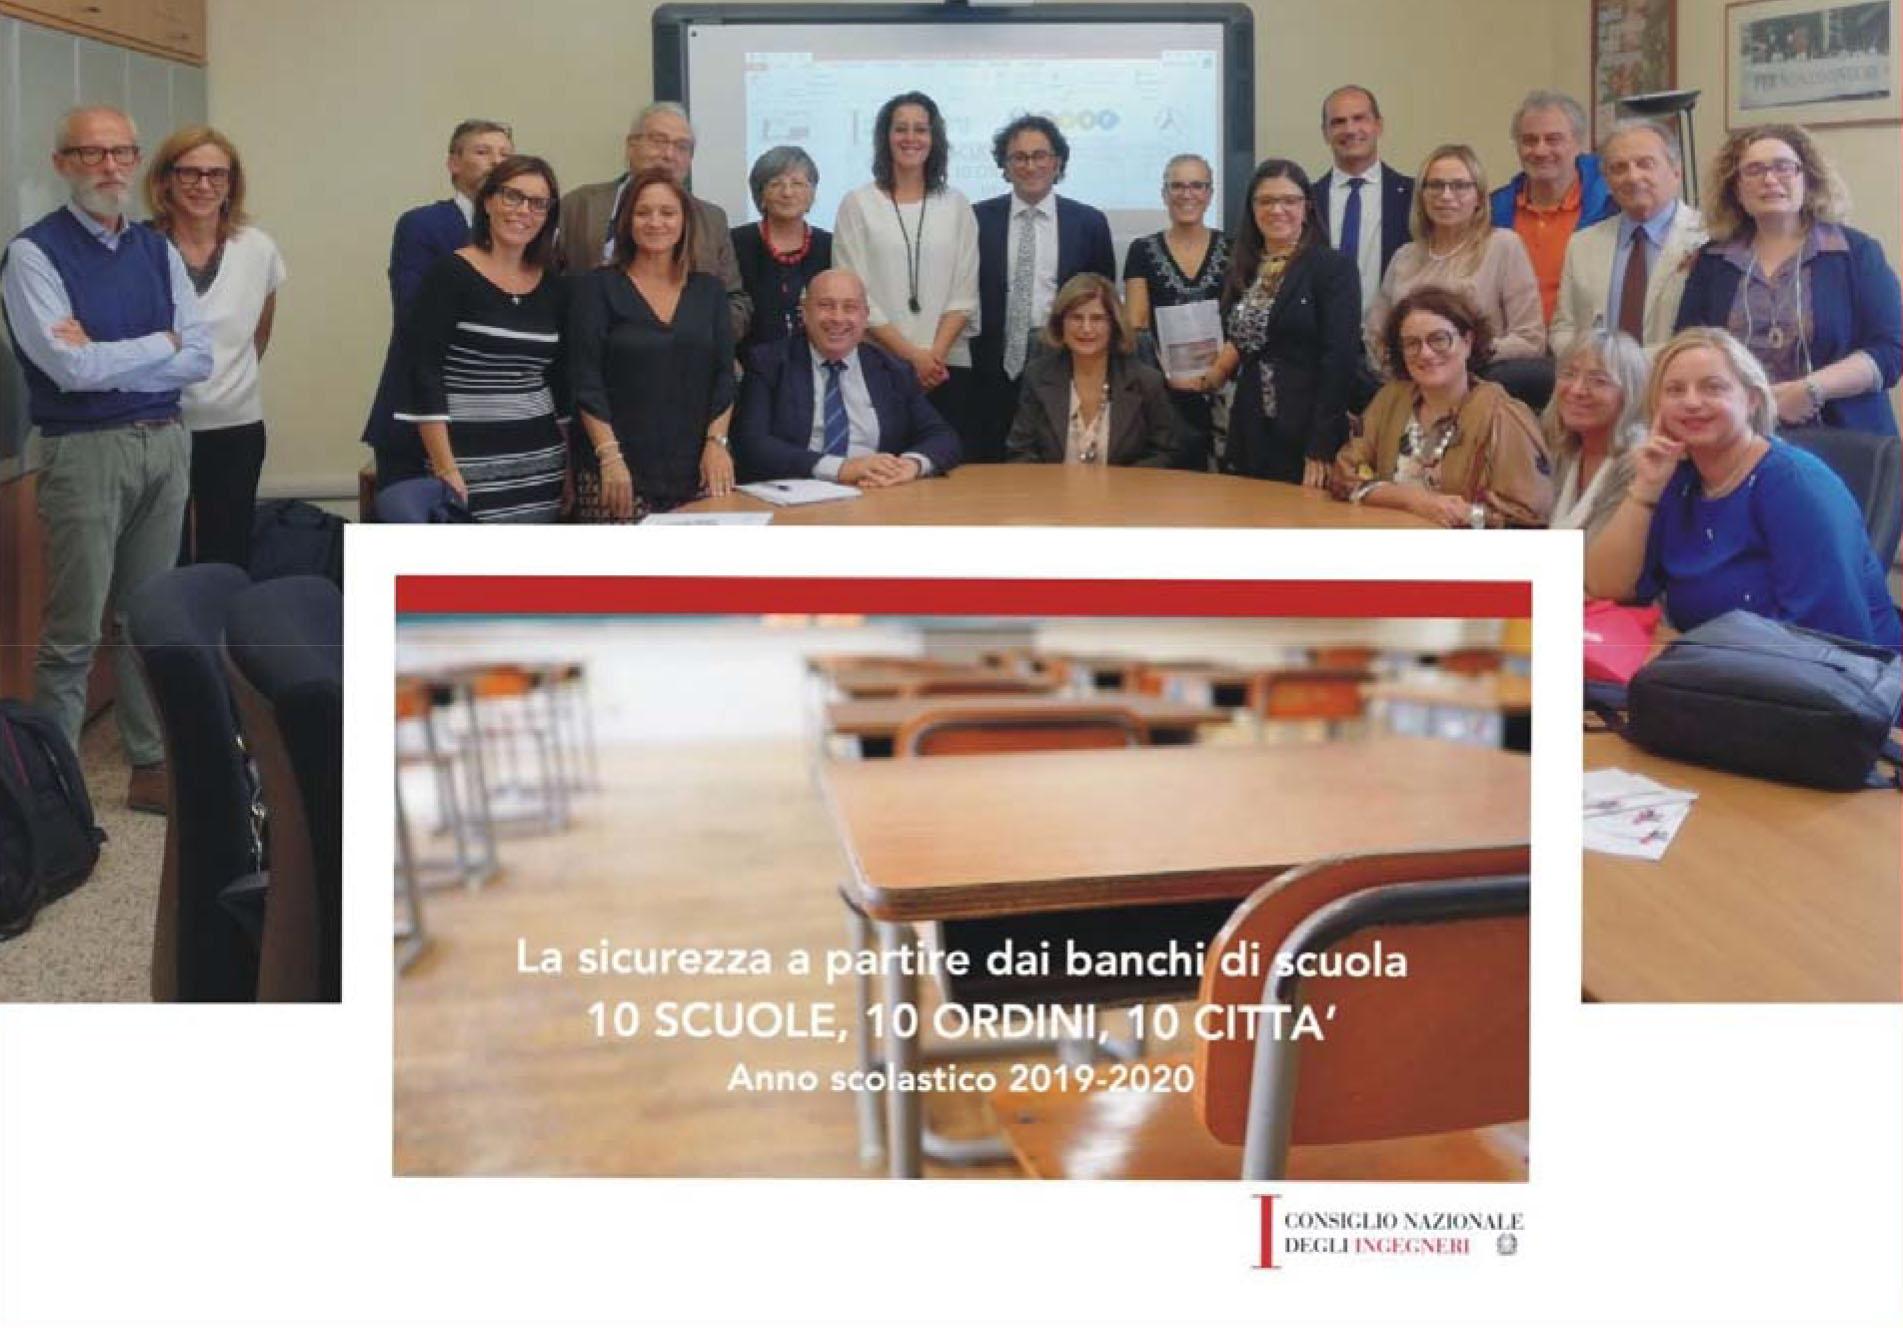 Ingegneri nelle scuole per diffondere la Cultura della Sicurezza: Cagliari tra le 10 città pilota del progetto di MIUR e CNI